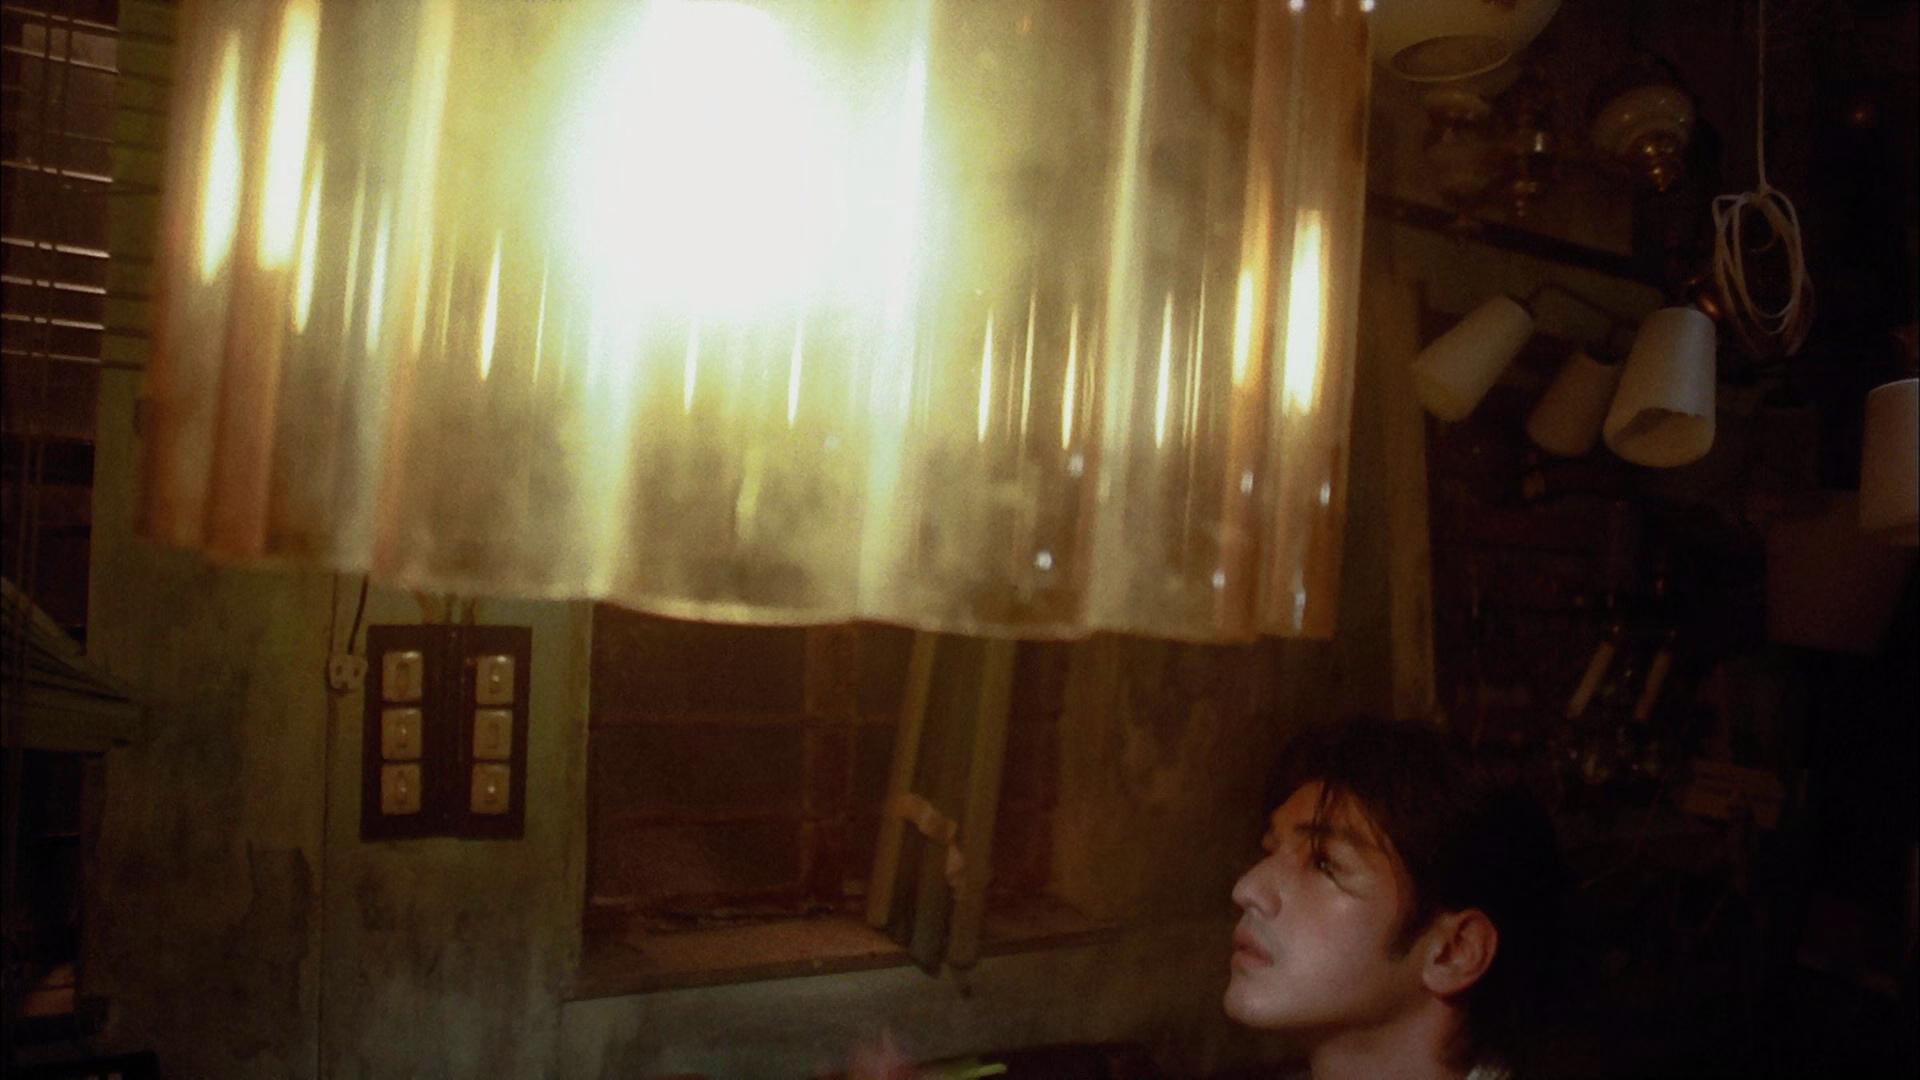 悠悠MP4_MP4电影下载_[初缠恋后的2人世界][BD-MKV/10.81GB][粤语音轨/繁体字幕][1080P][H265编码][香港,金城武,葛民輝,香港电影,王家卫,